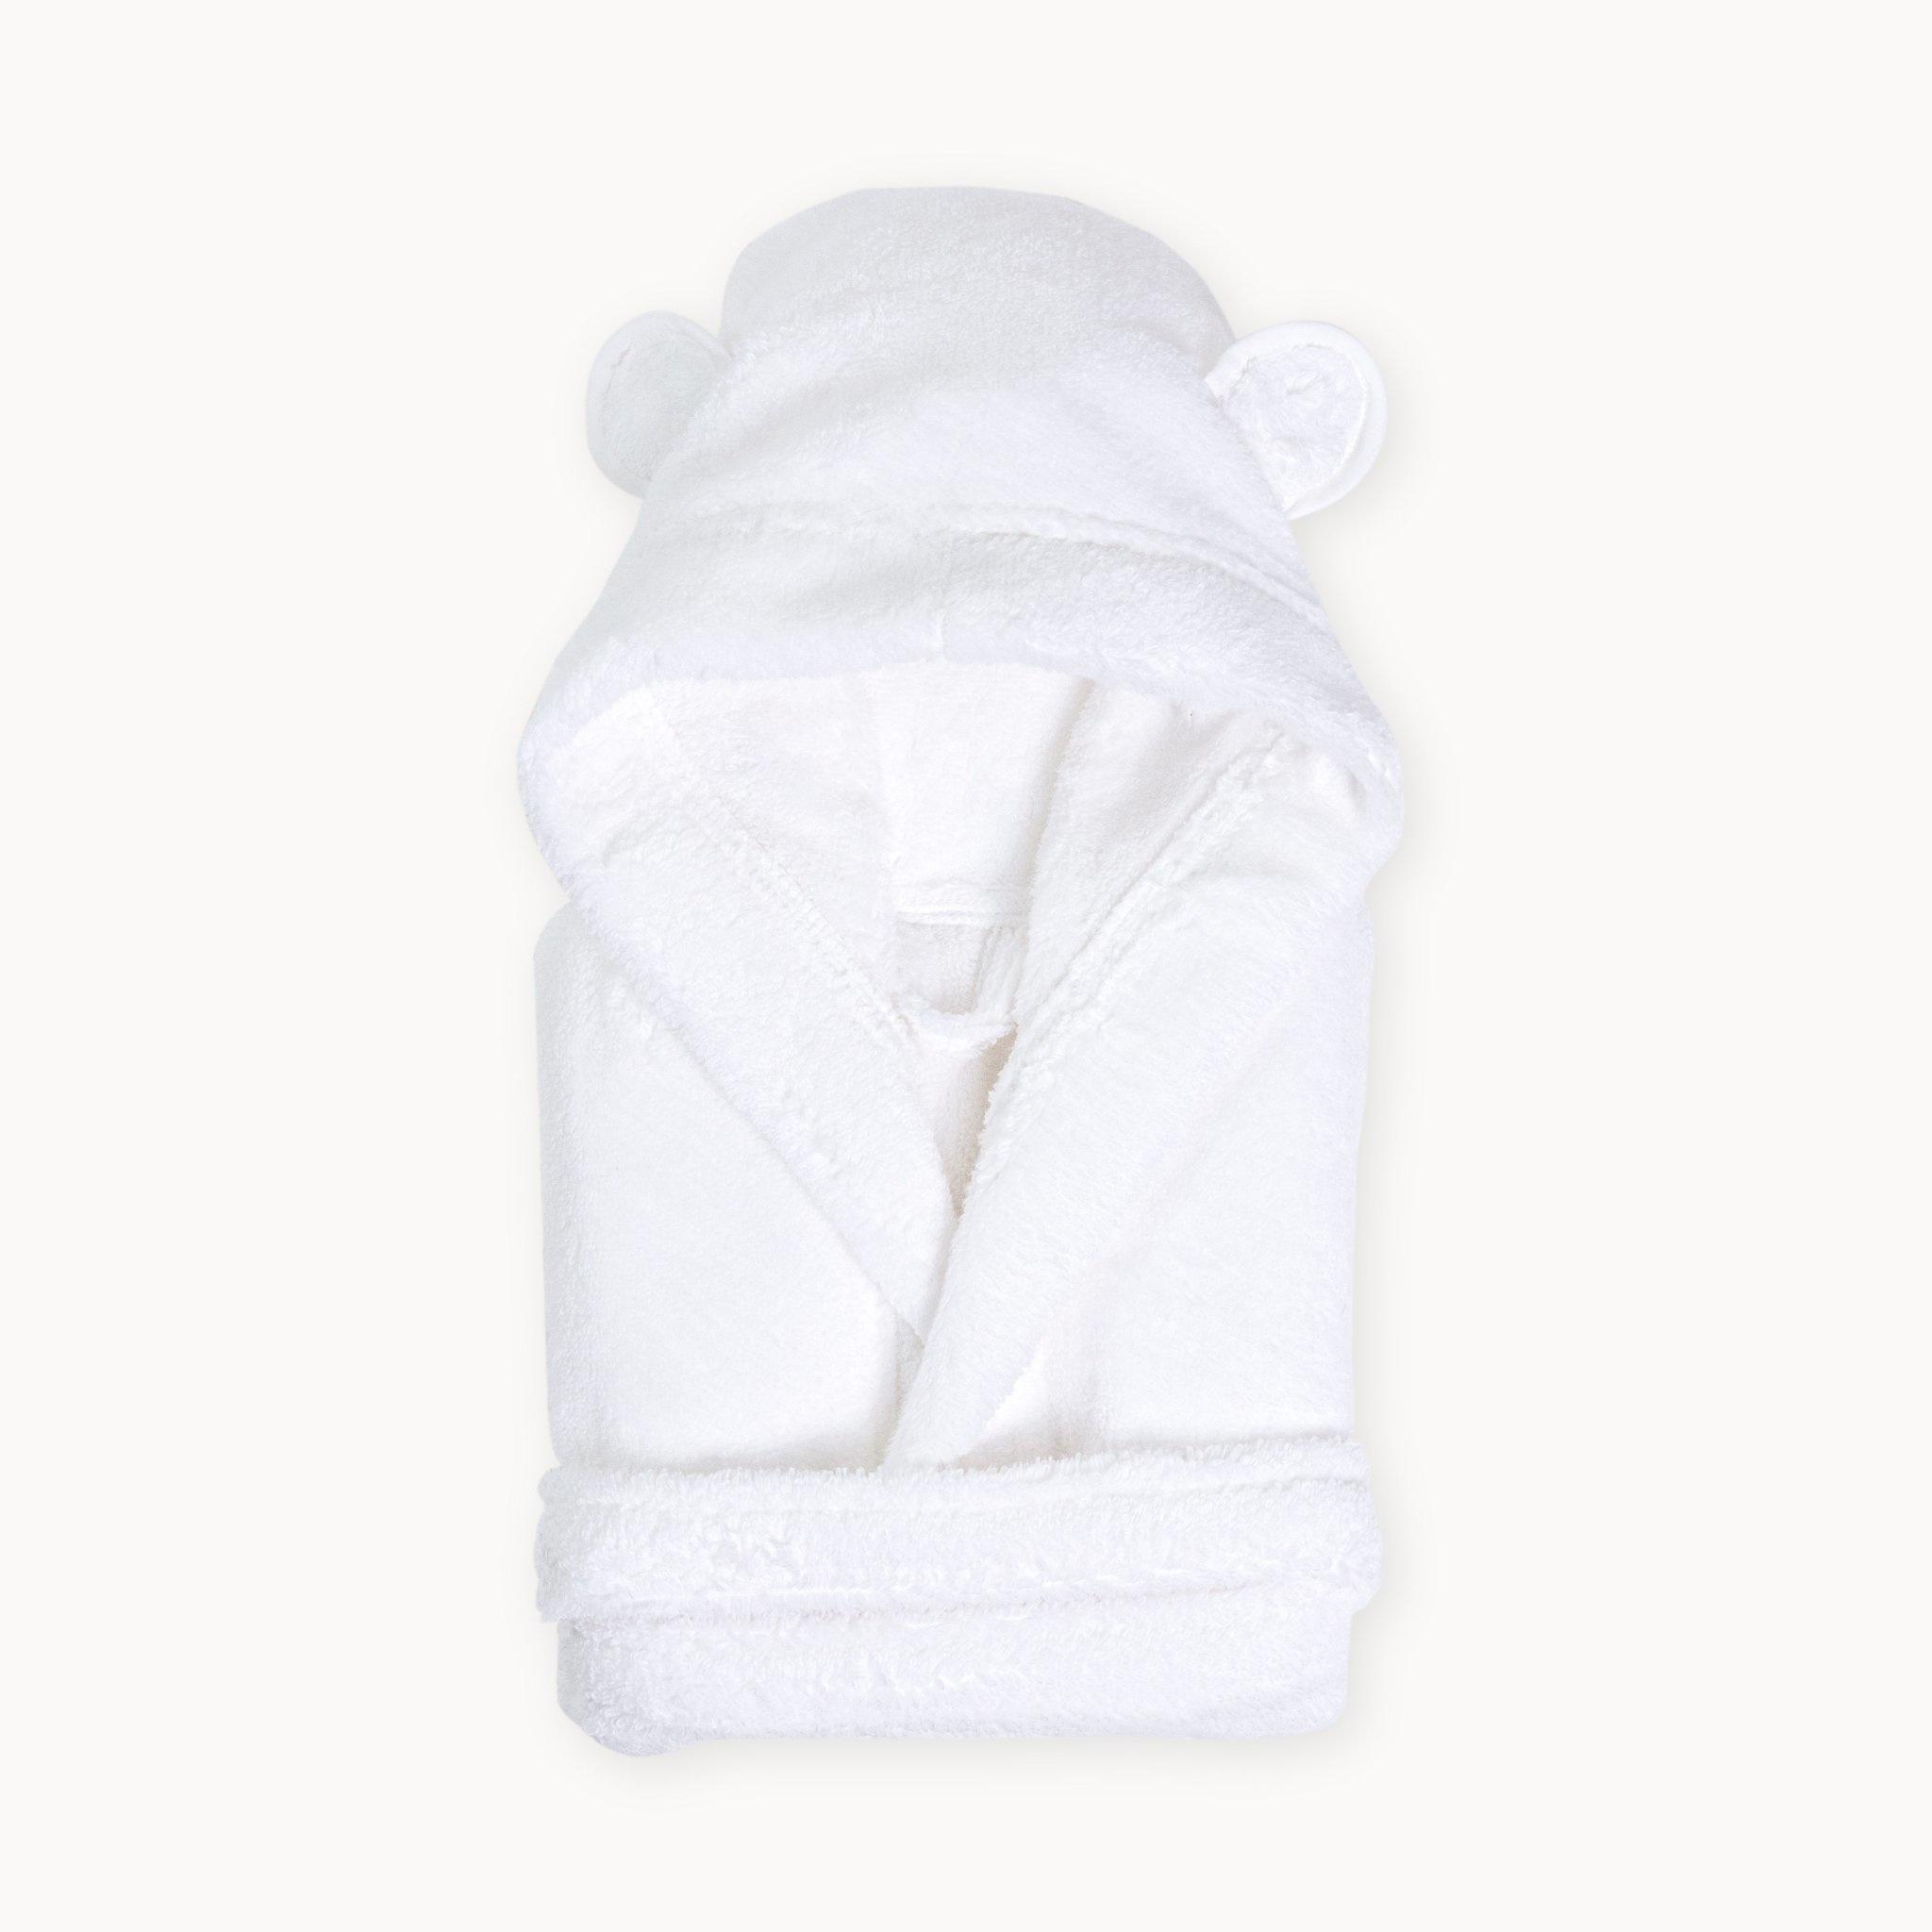 Natemia Organic Cotton Hooded Robe- White